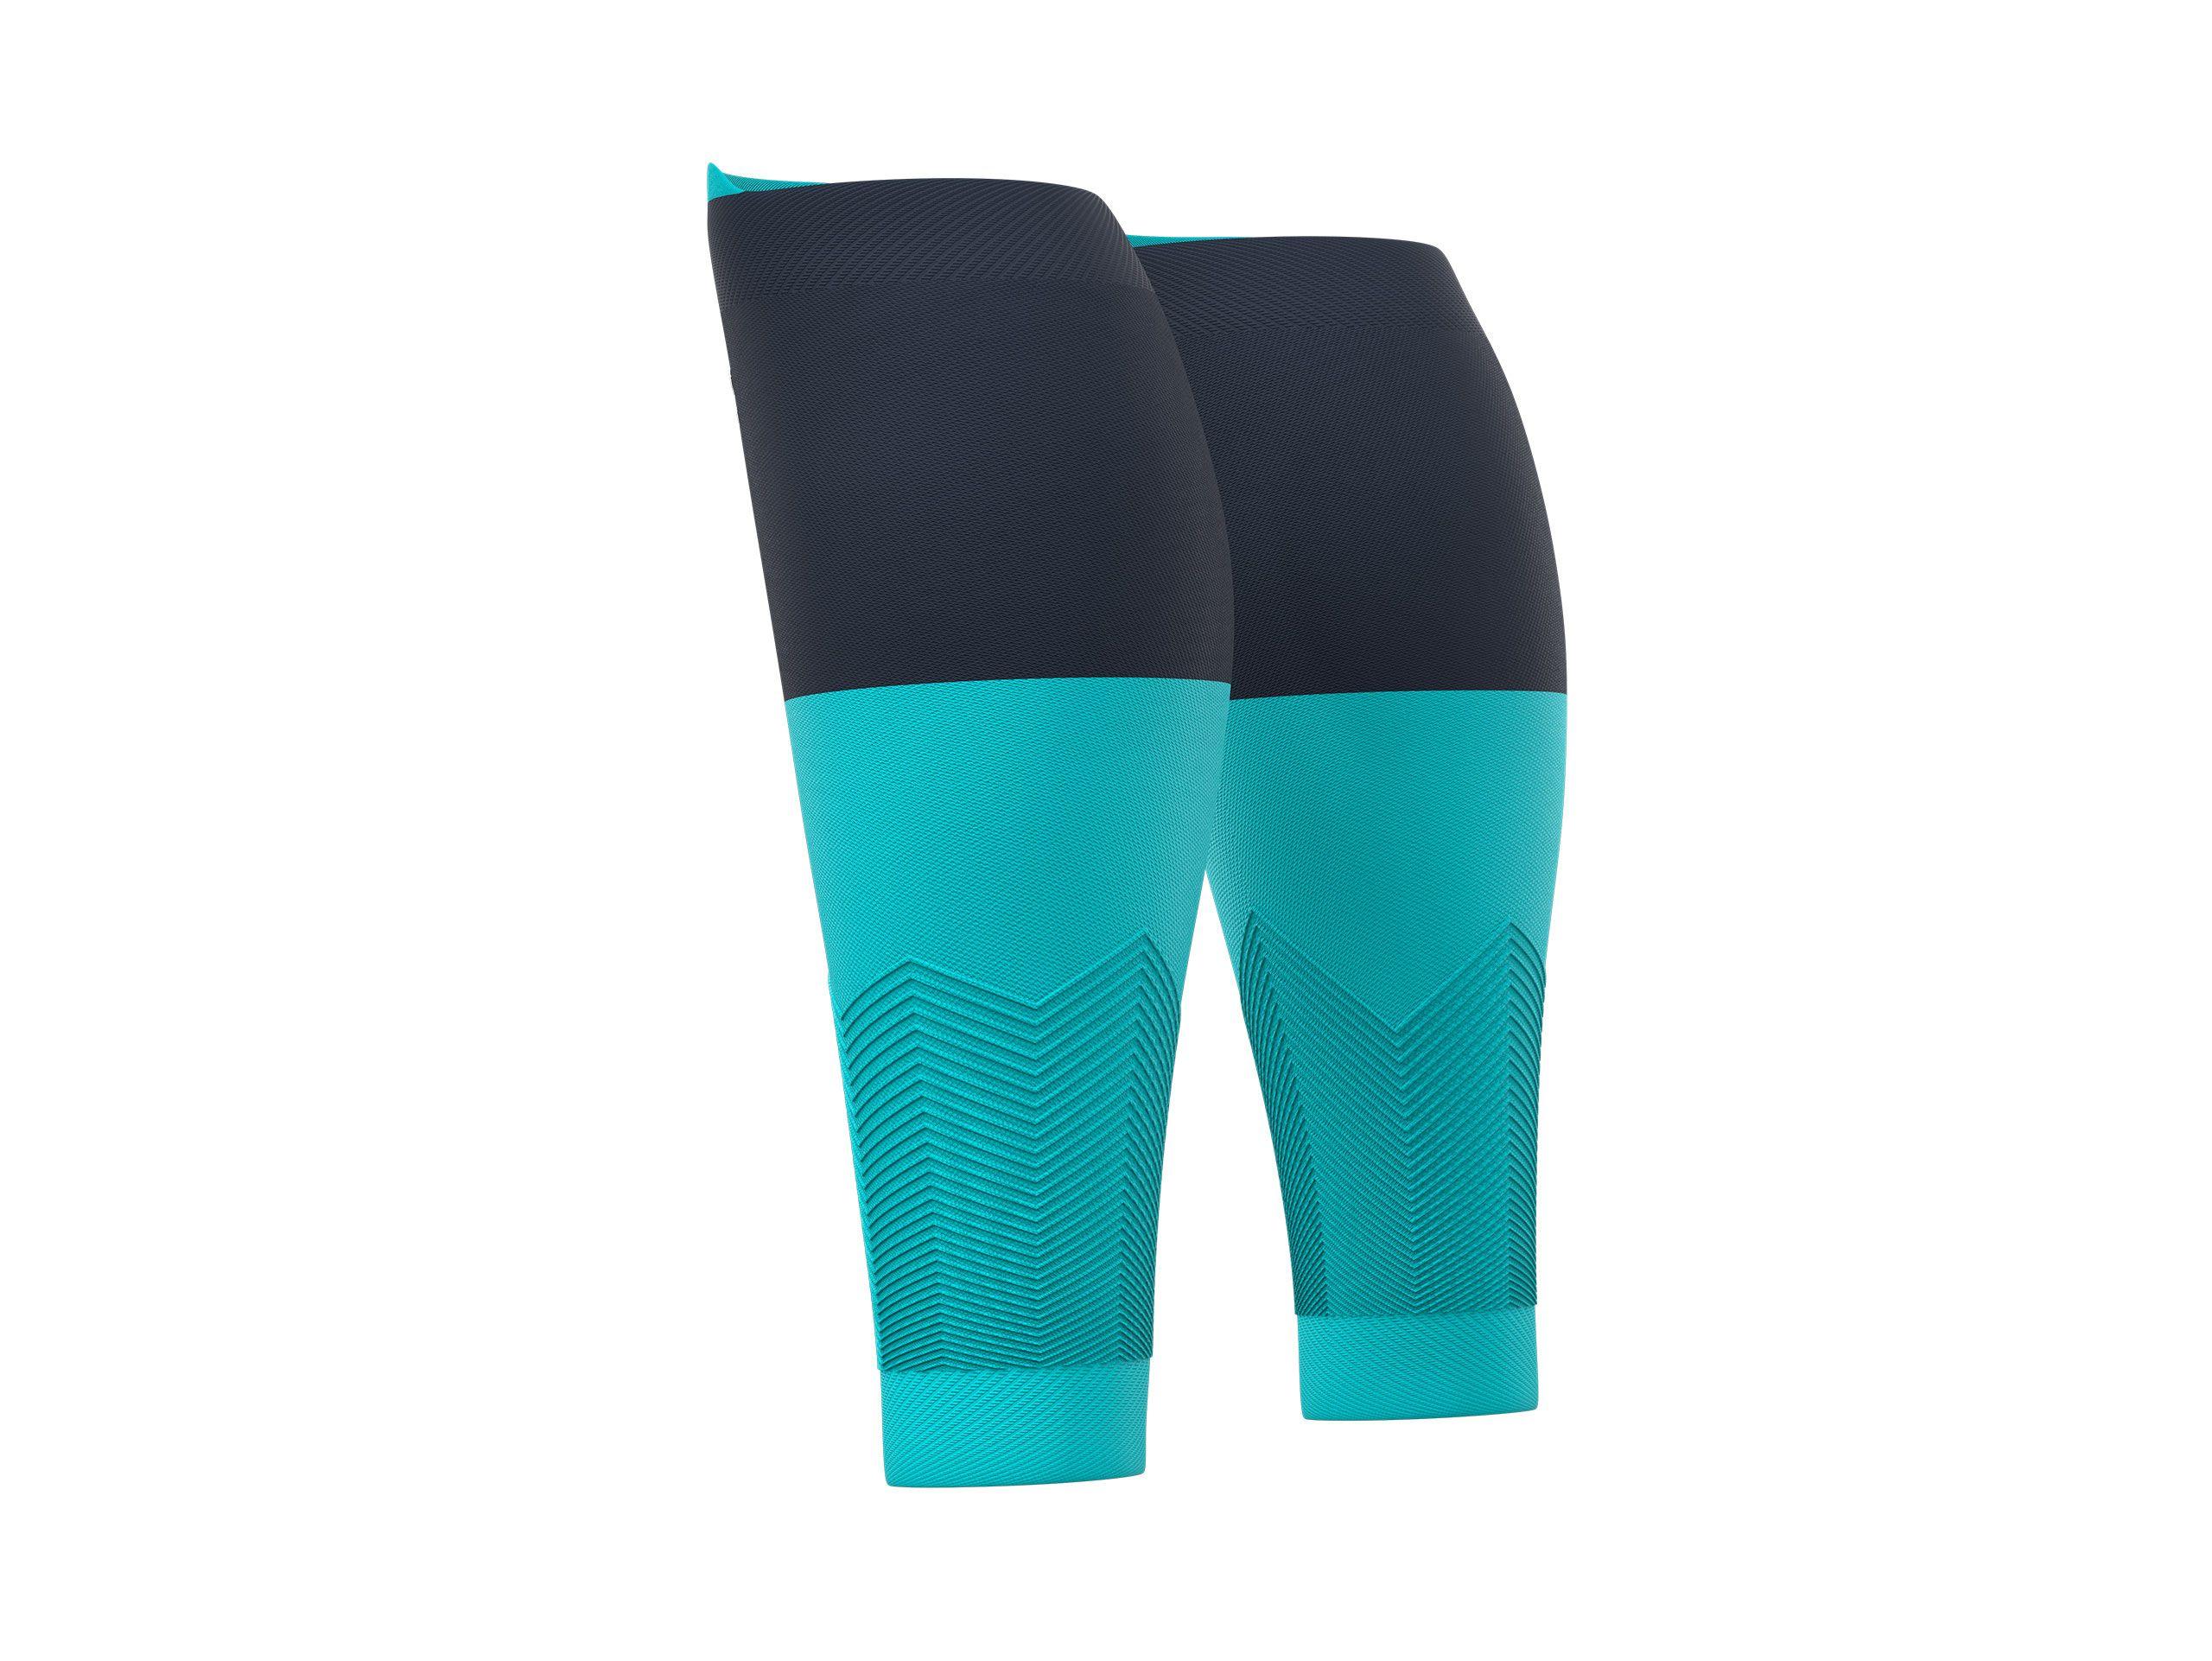 R2v2 - Nile Blue